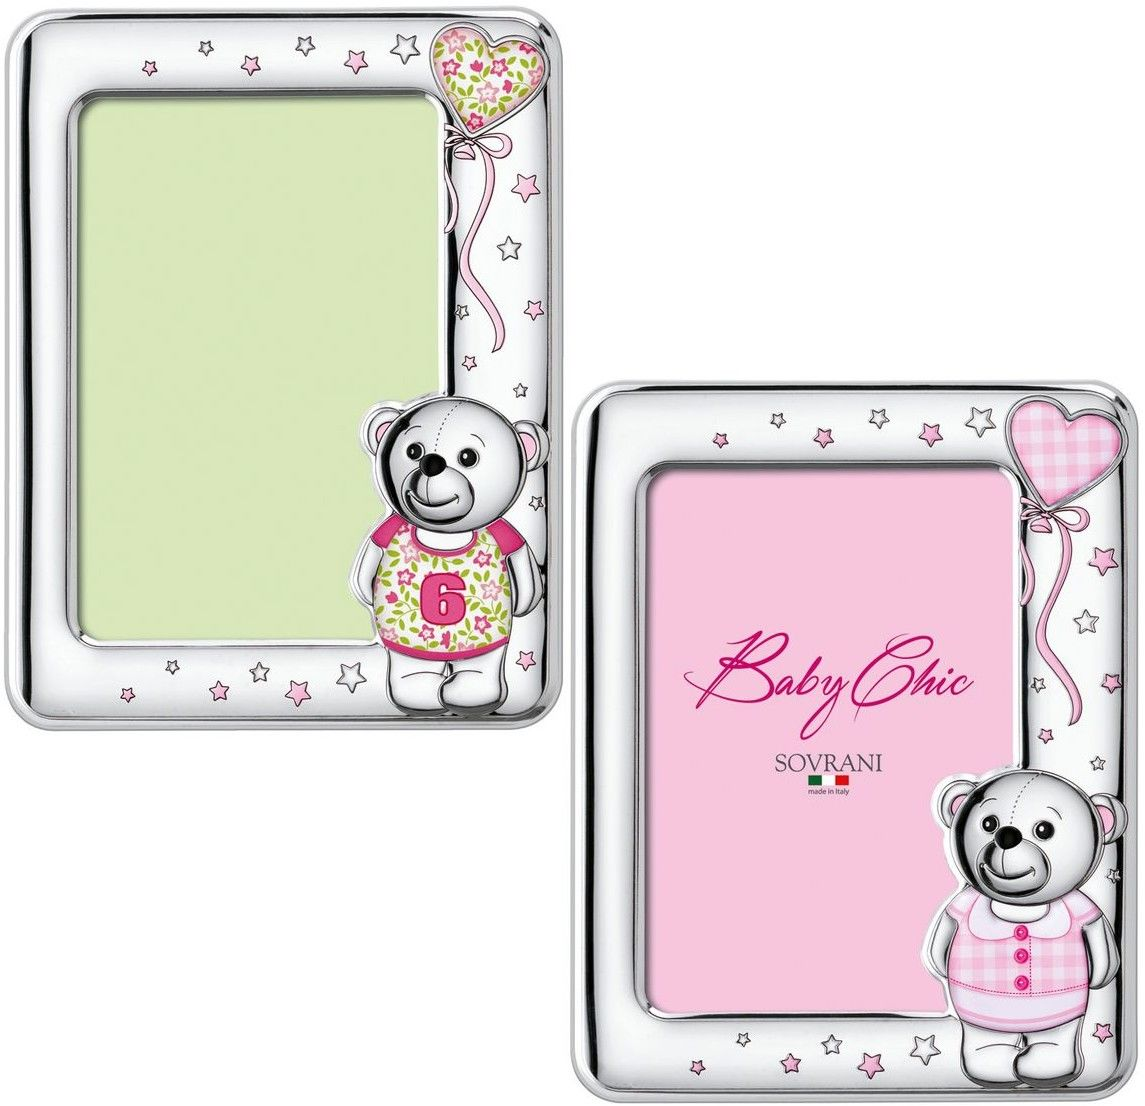 Ramka dziecięca na zdjęcie z naklejkami miś Rozmiar: 13x18 cm Kolor: Różowy SKU: W5150R